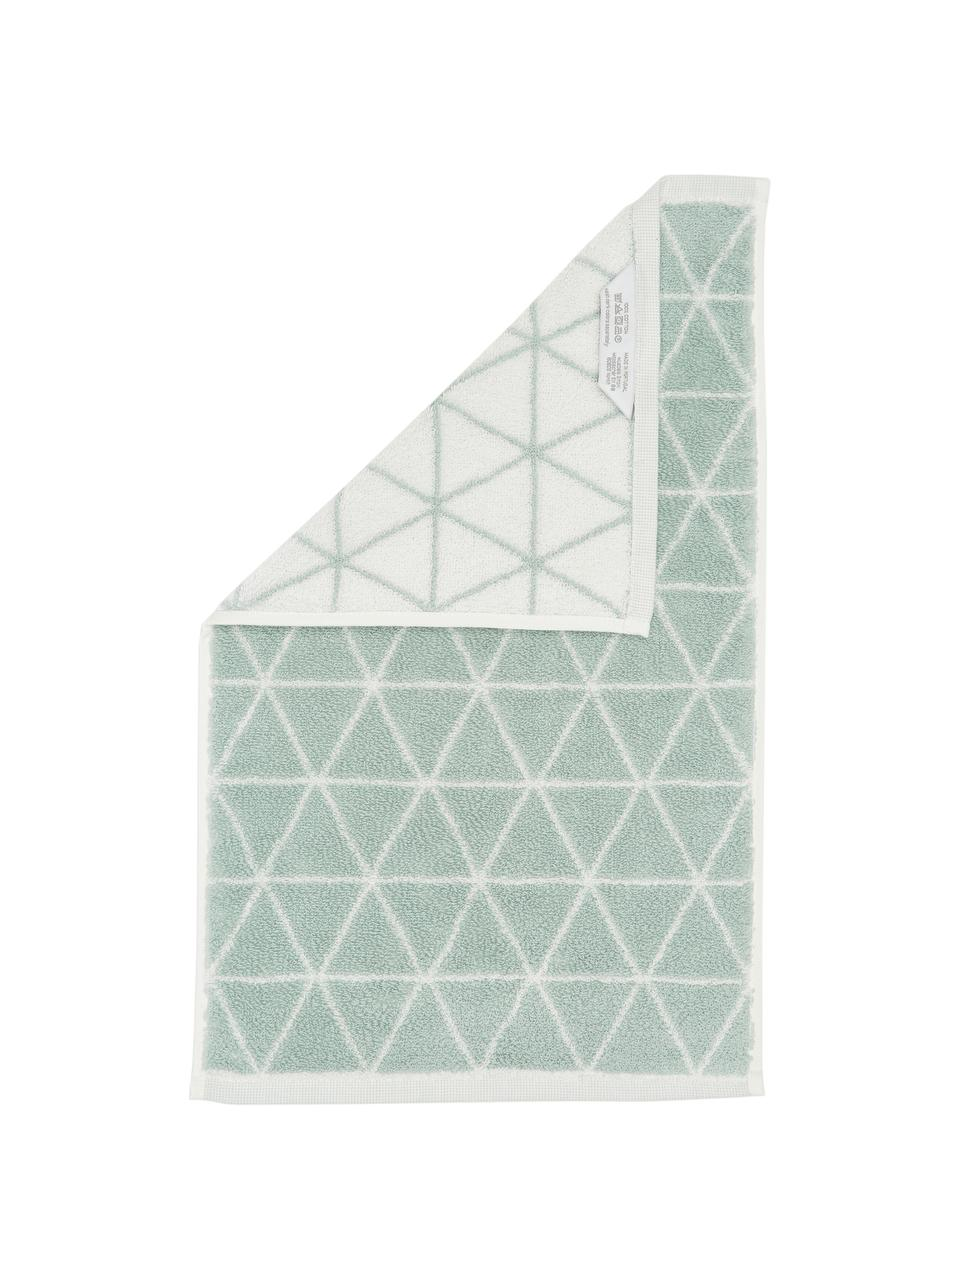 Serviette de toilette réversible en coton pur Elina, Vert menthe, blanc crème